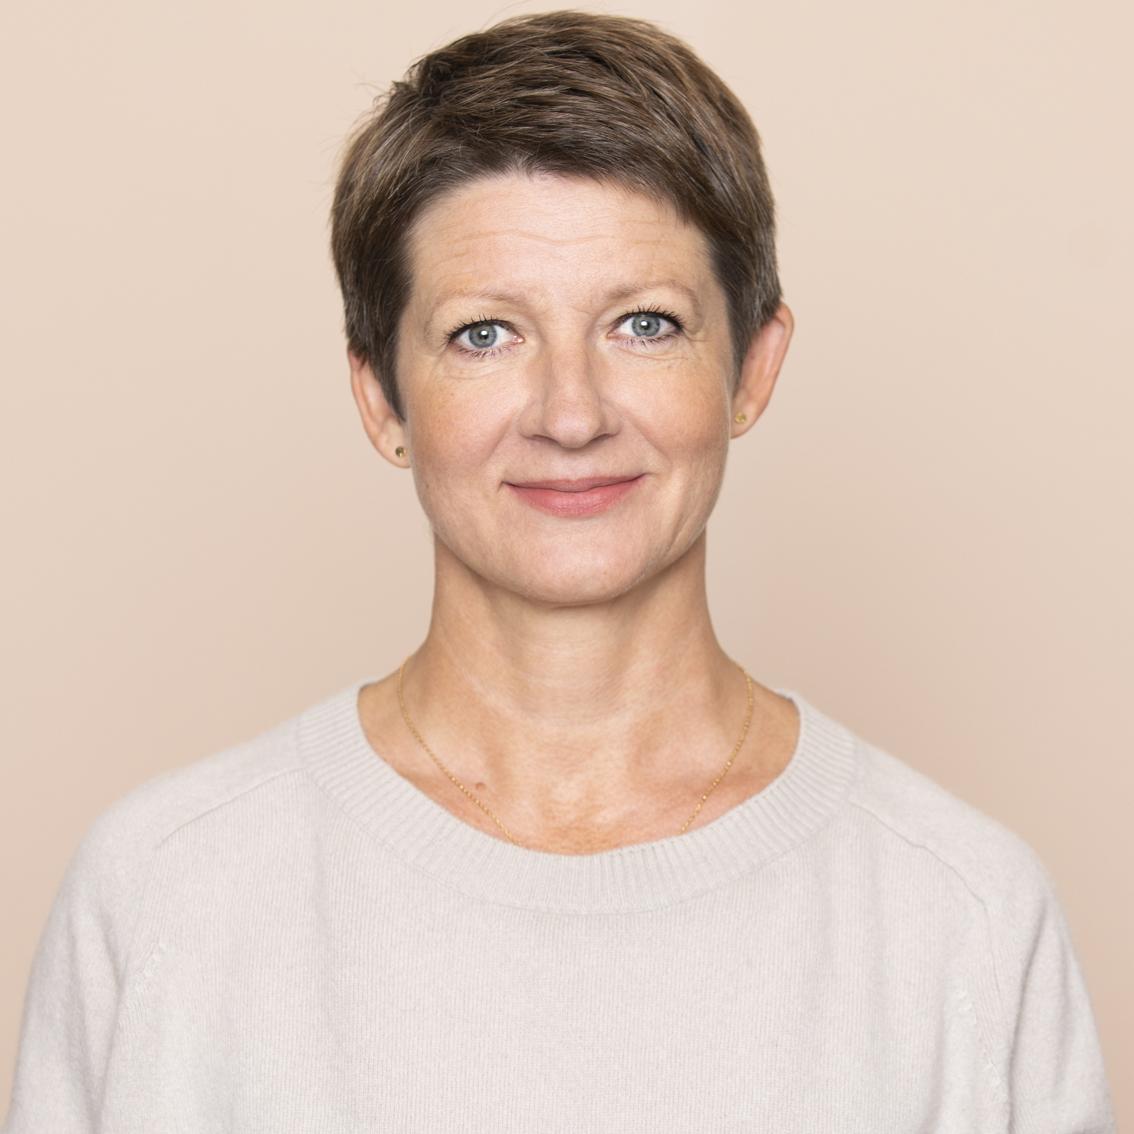 Melanie Sommer-Jöst